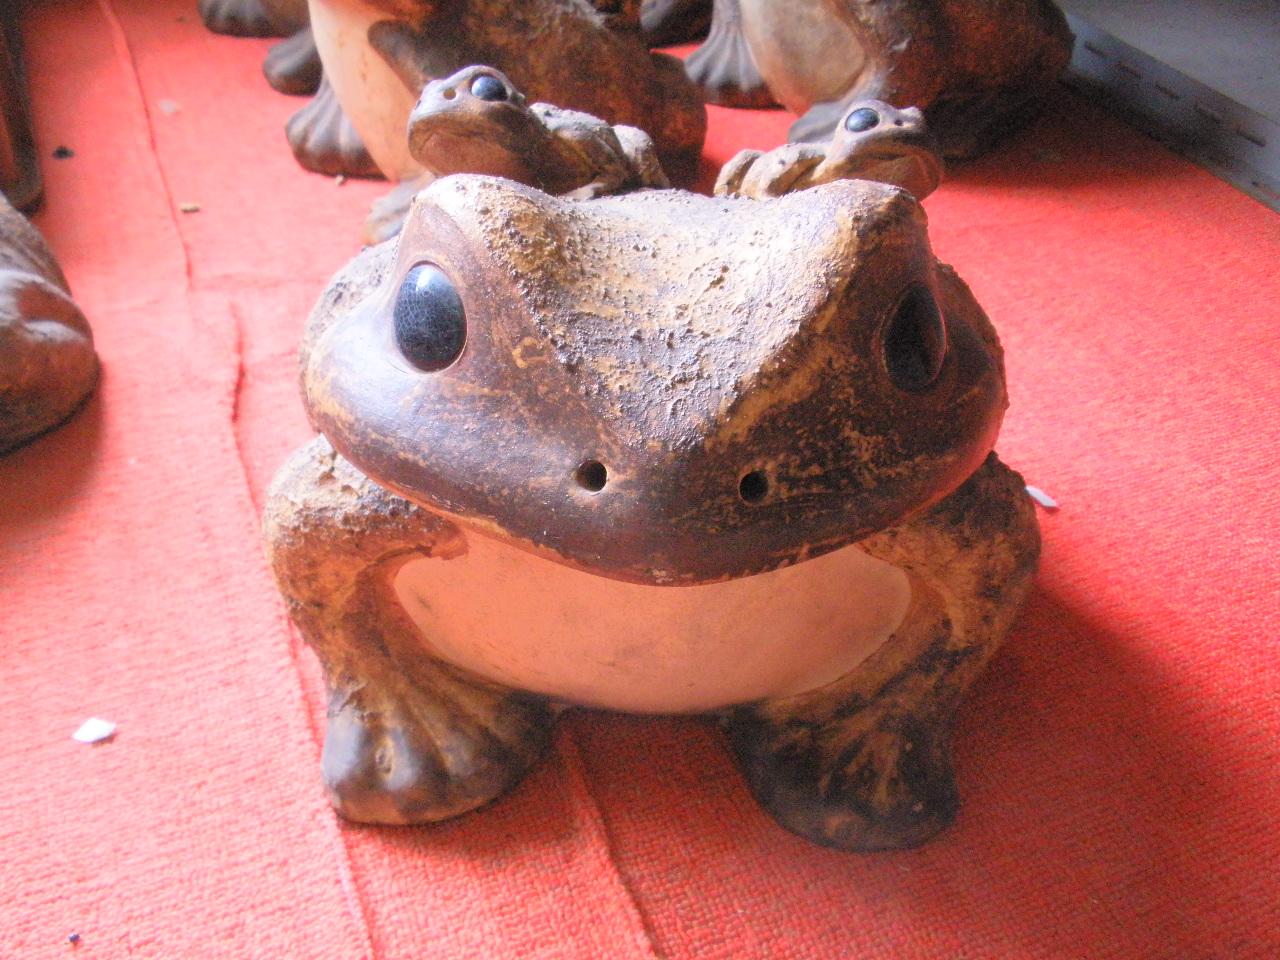 信楽焼き【大型】 金運アップ! カエルの置物大型陶器 庭先や玄関、水辺に。 蛙は金が帰ってくる 金運を呼び、運を呼ぶ力 財布に 運気・幸運・福招き・福寄せ 【在庫処分SALE】 【訳ありアウトレット】